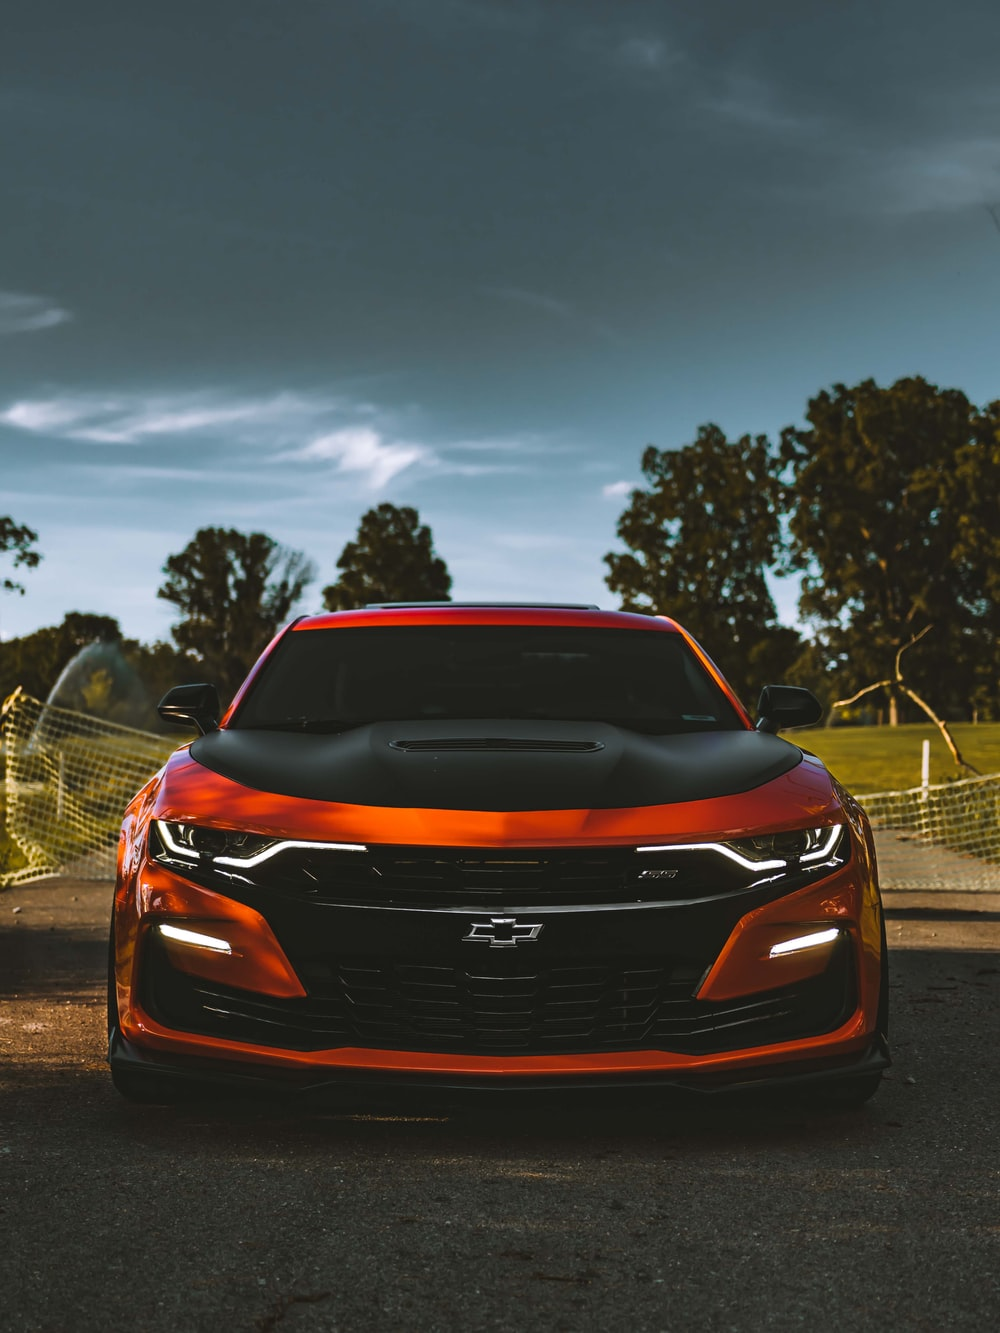 orange and black car